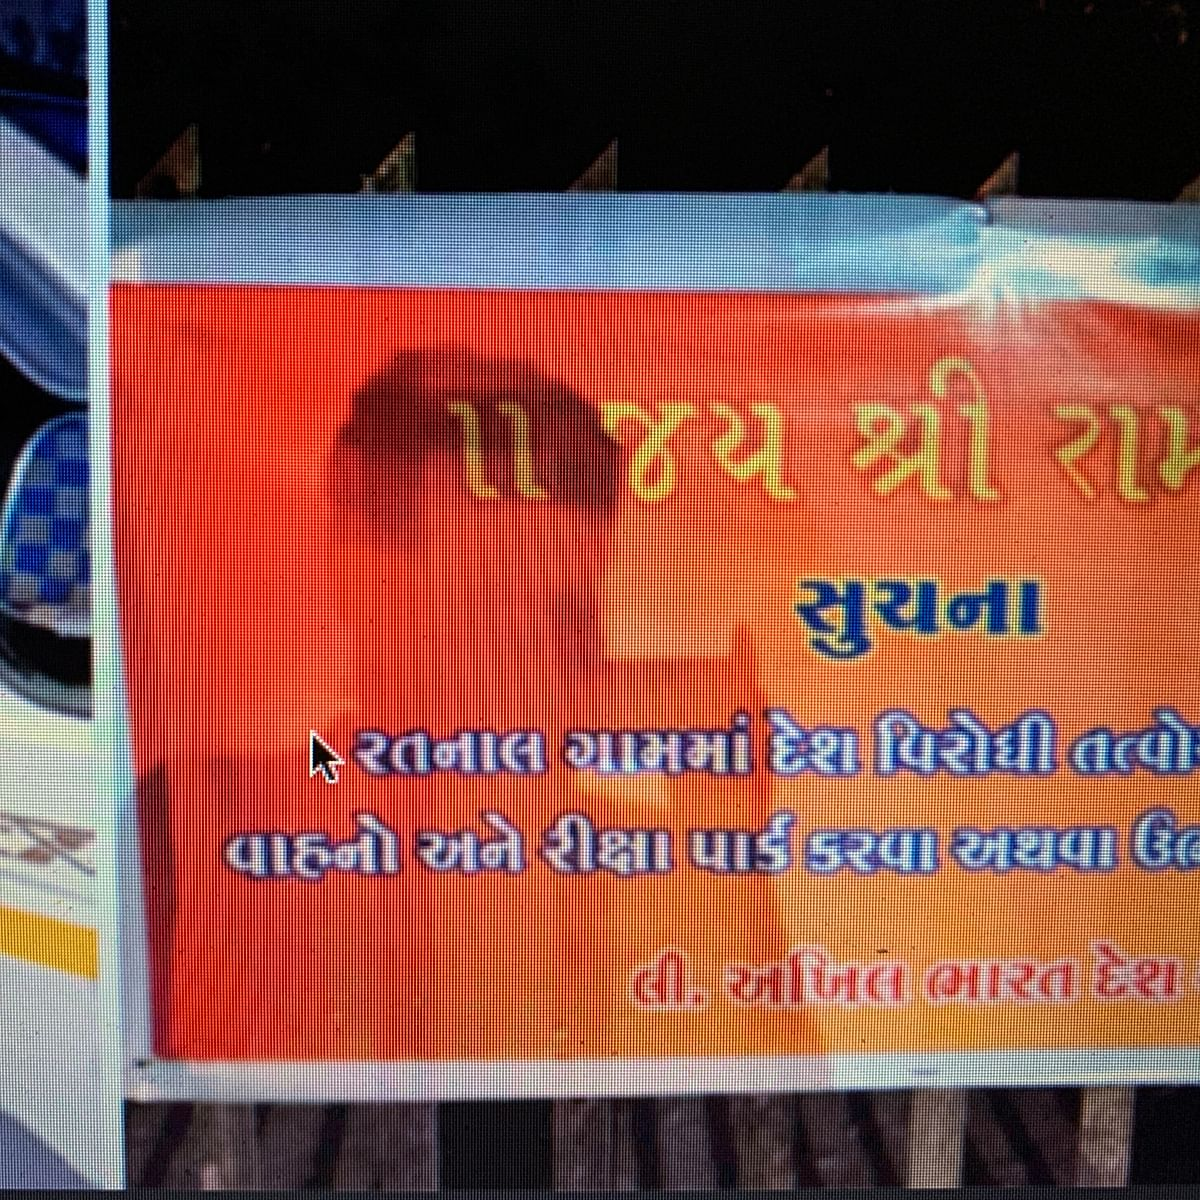 Posters against Muslim in Gujarat